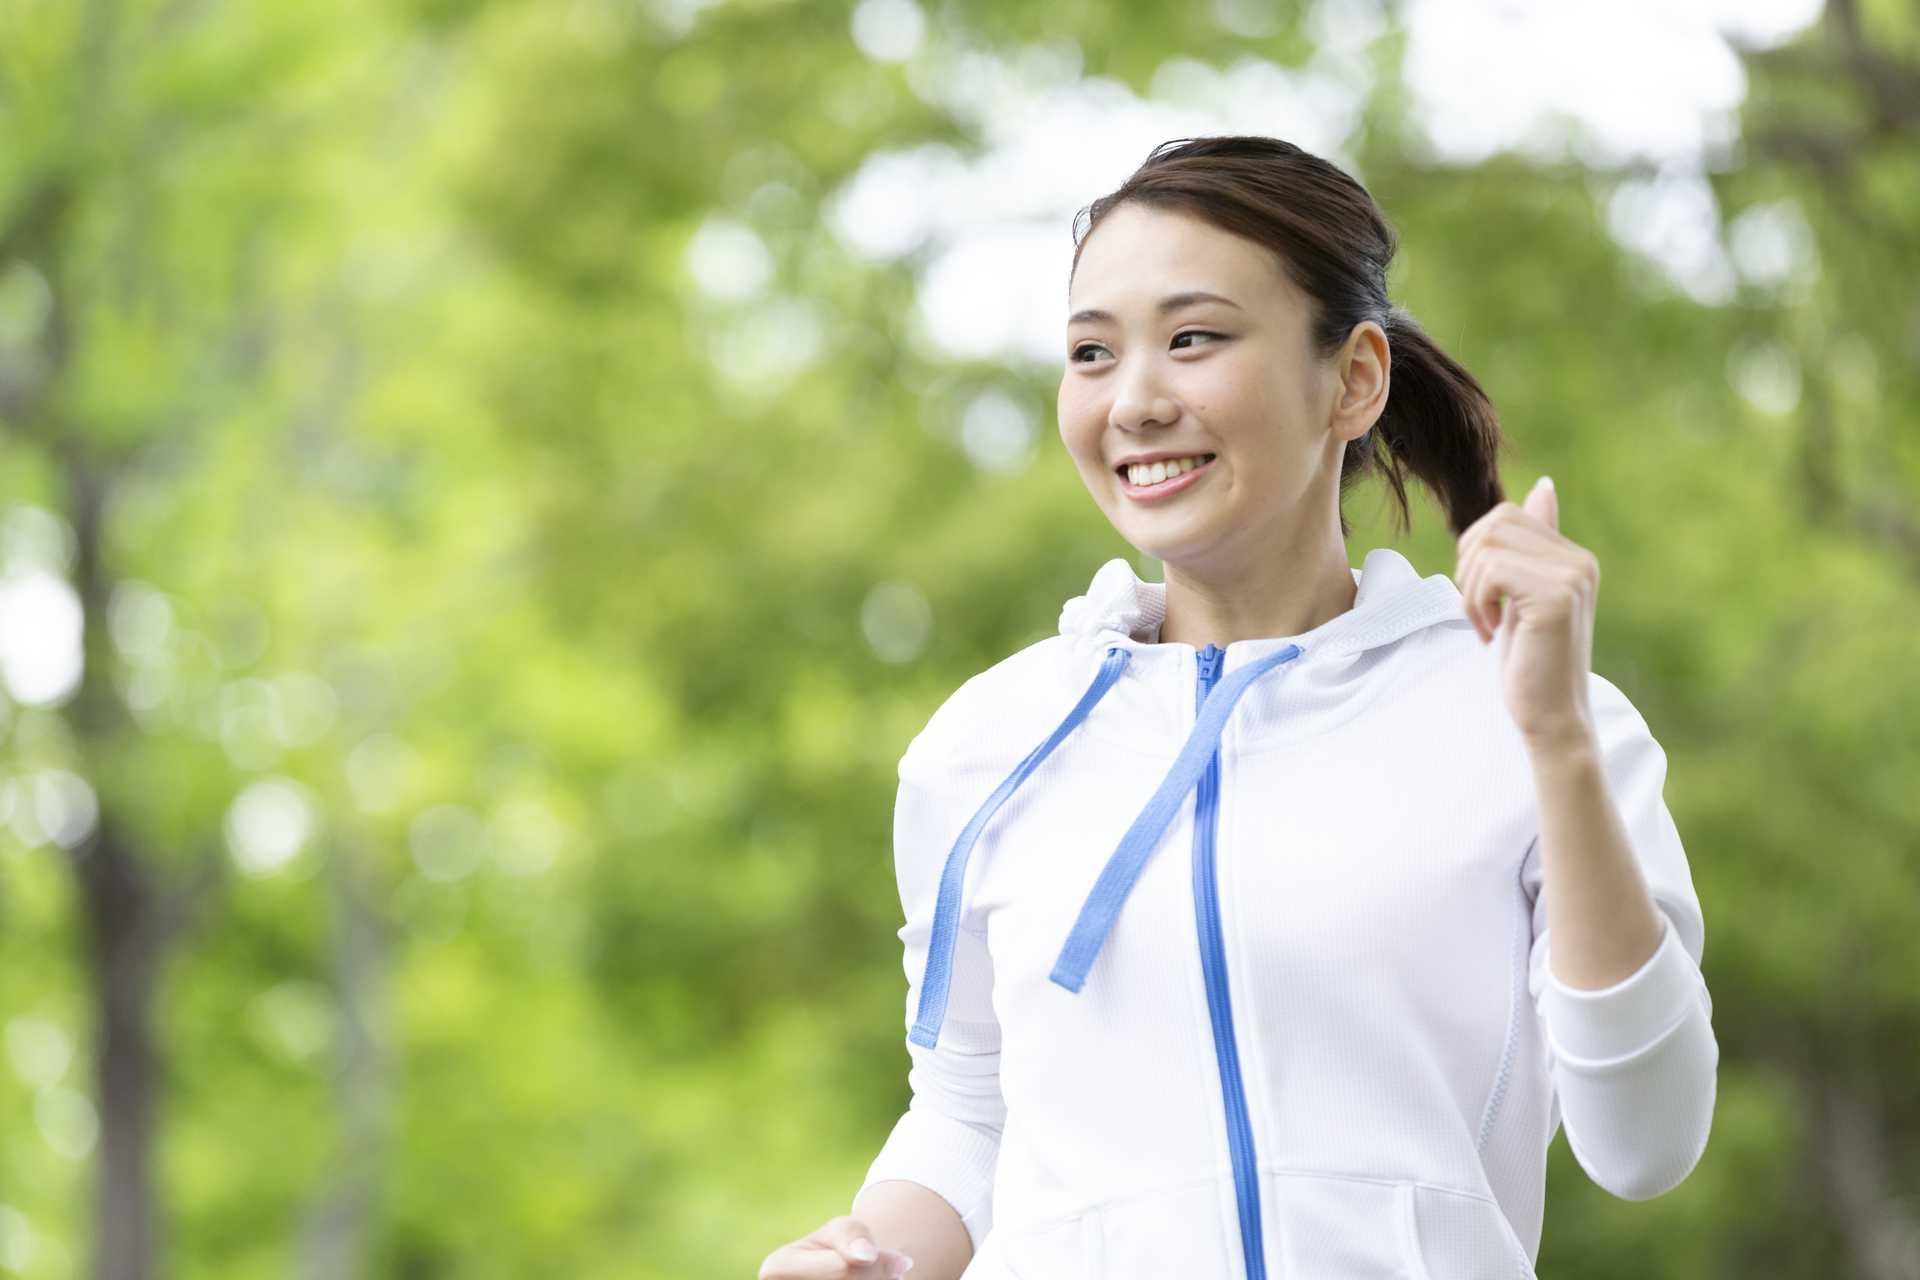 気分によって、散歩のペースが変わるのではない。散歩のペースによって、気分が変わる。 | 早朝の散歩習慣のすすめ